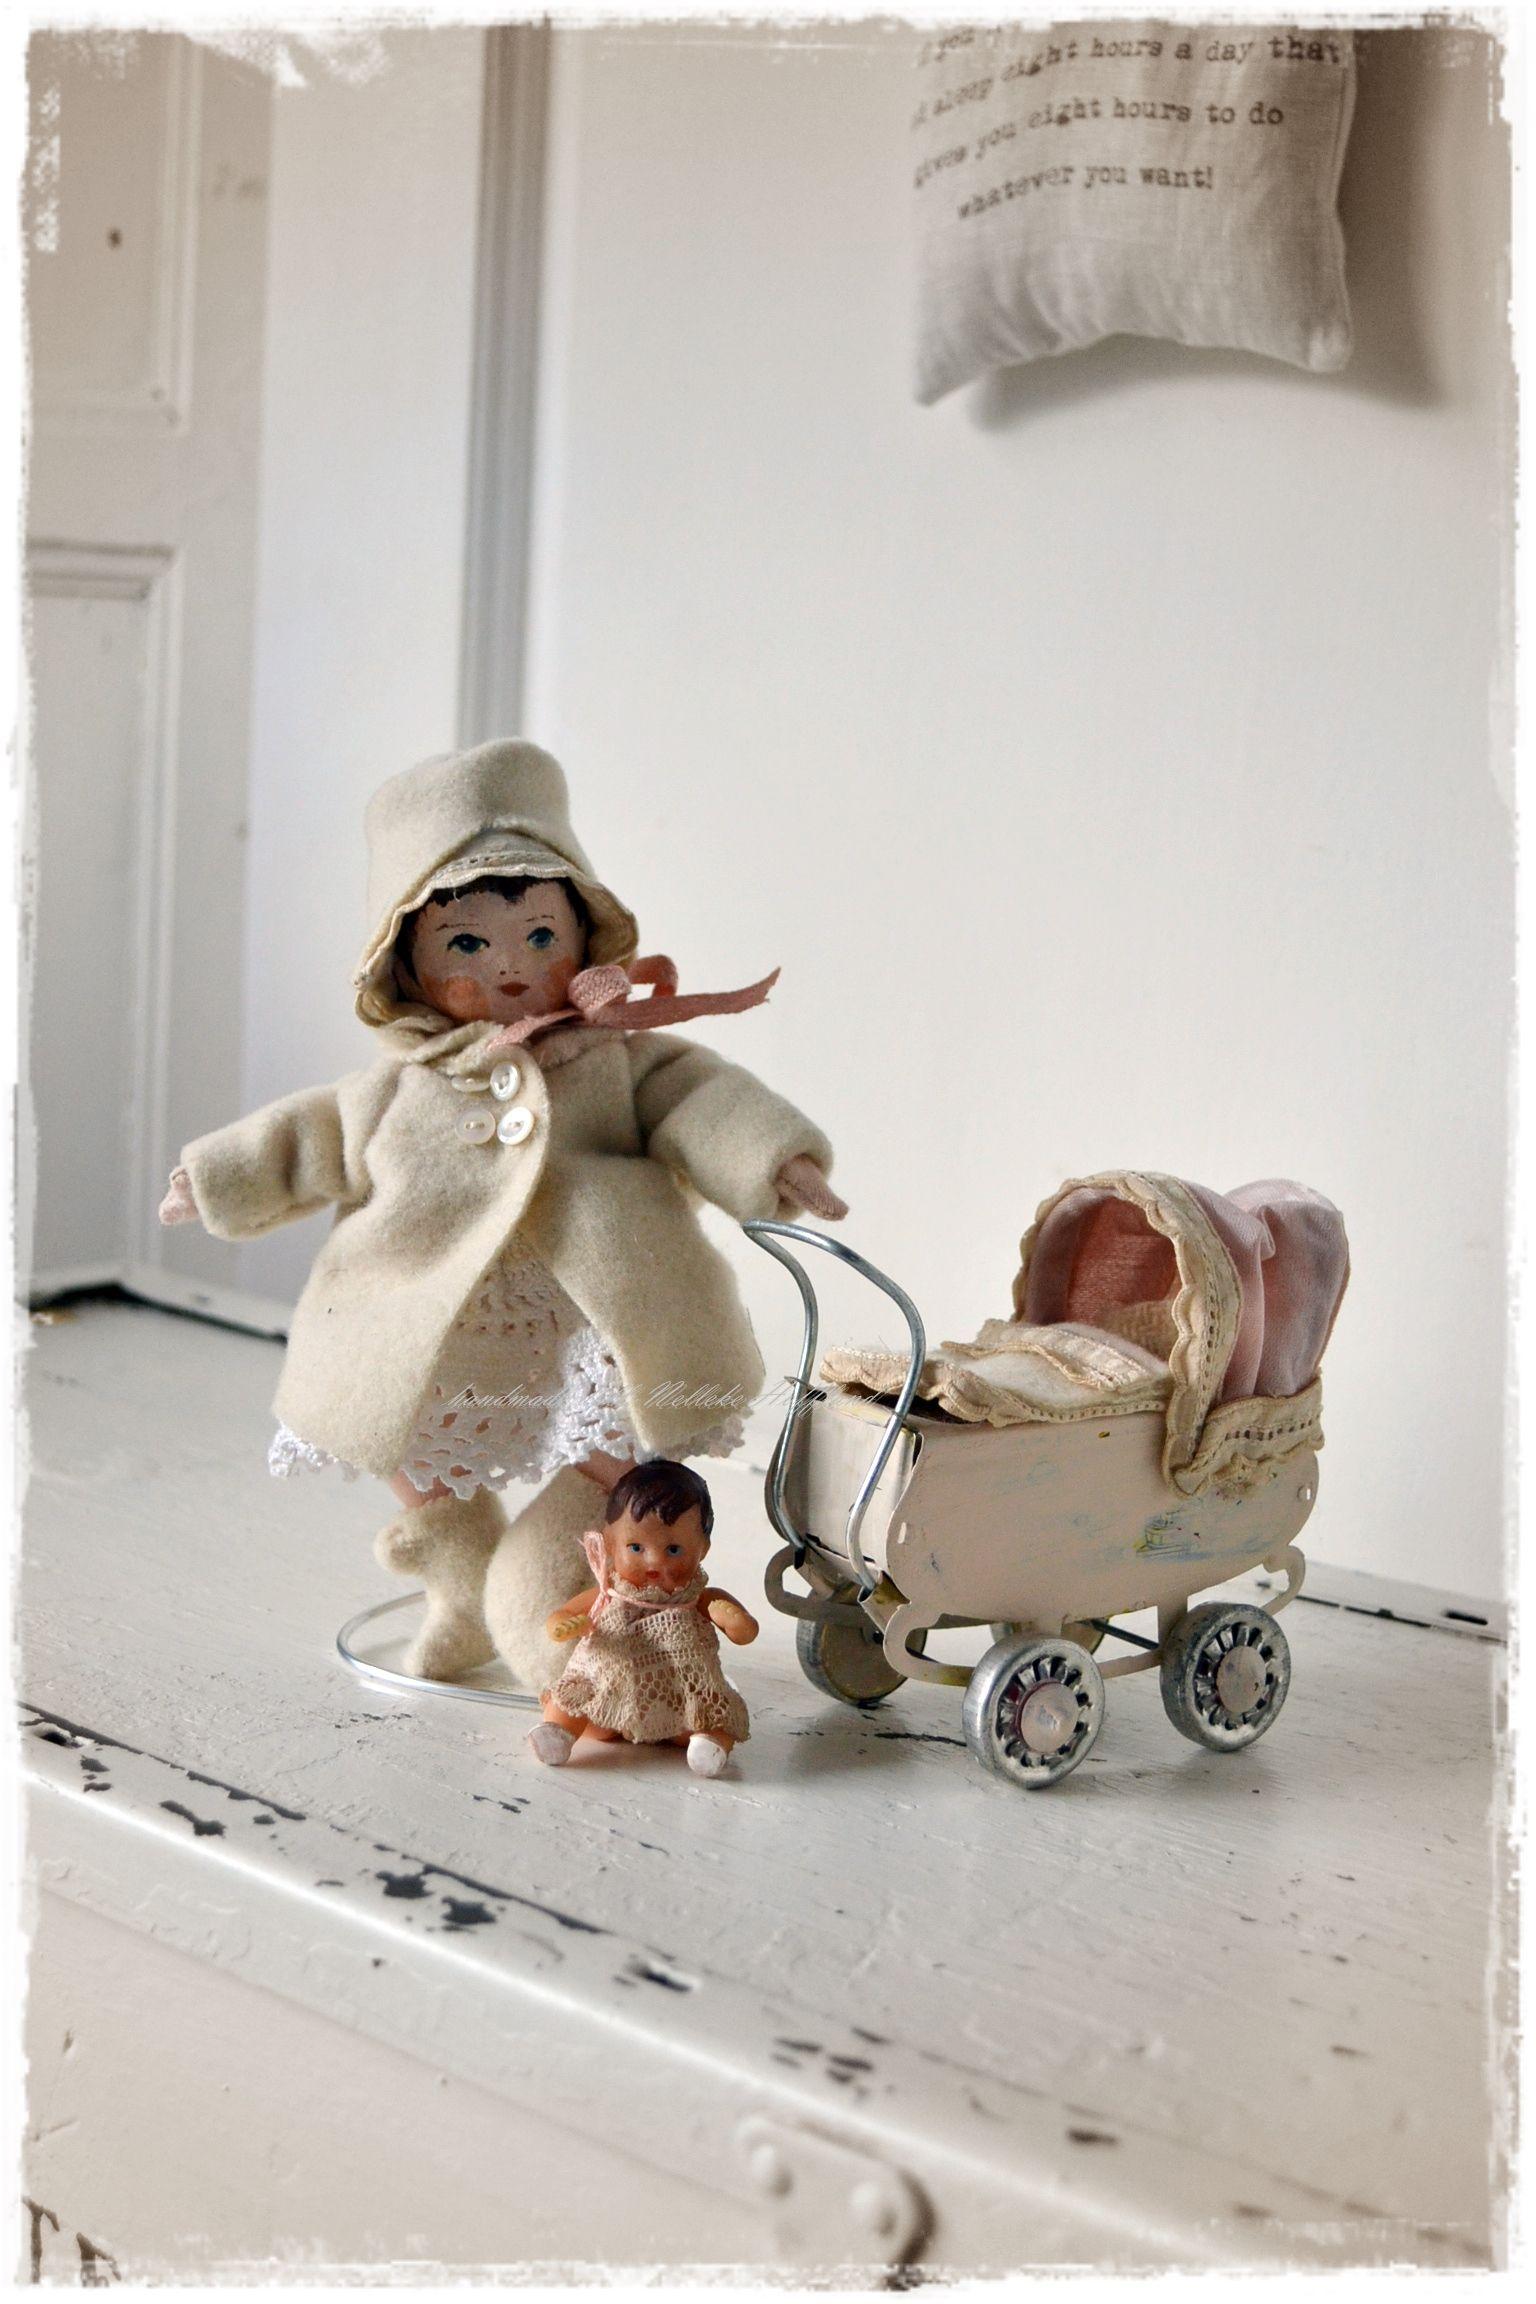 Handgemaakt popje van 16 cm (de kleinste die ik gemaakt heb tot nu toe. De inspiratie kwam door een klein Ari popje. Het kinderwagentje heb ik opgepimpt.  (doorNelleke Hoffland)